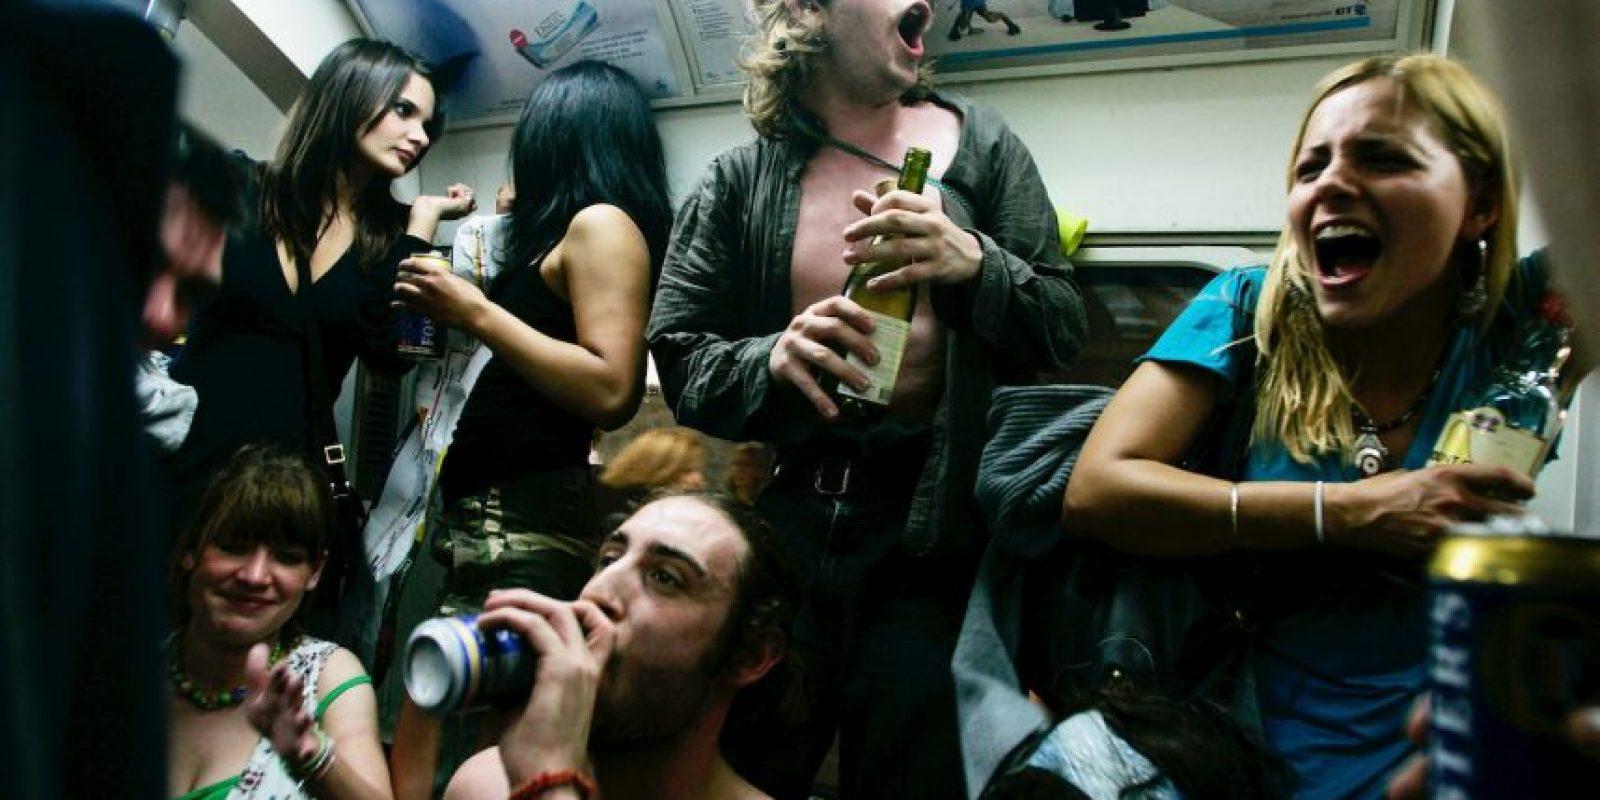 Se les pidió beber el equivalente a un vaso de vino. Foto:Getty Images